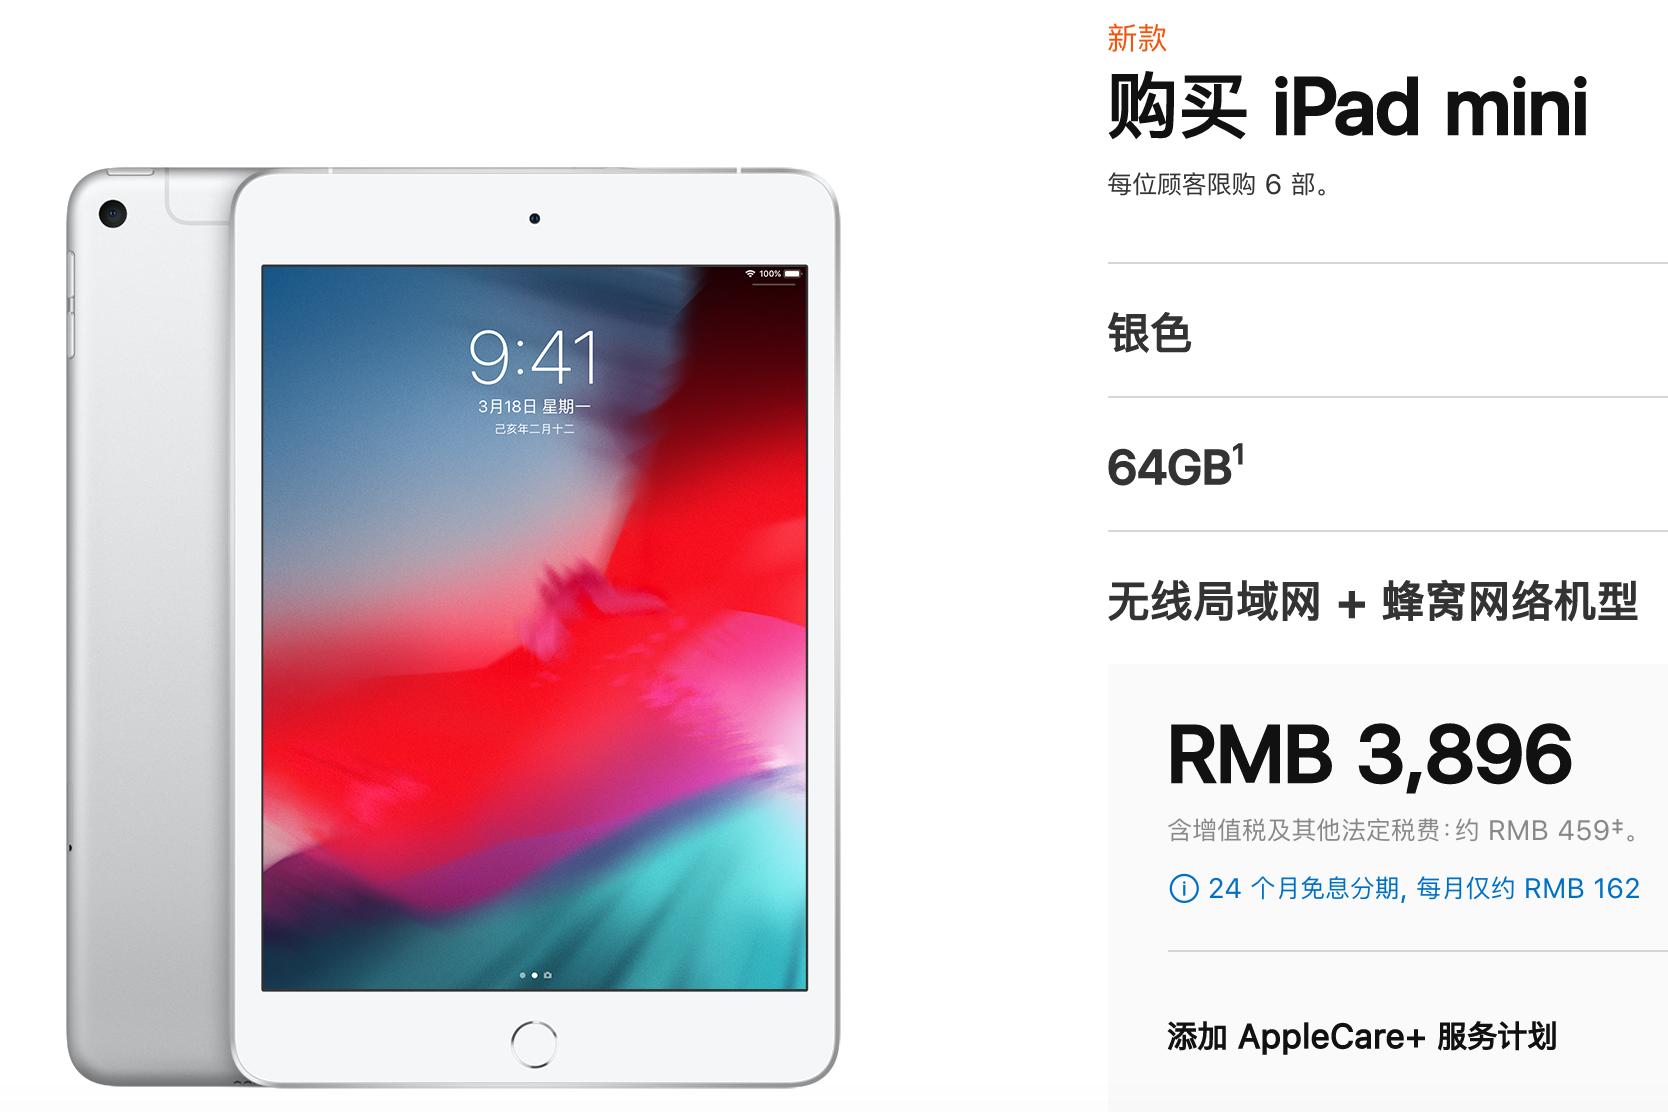 3896元起!苹果两款新iPad蜂窝版开卖:超强678彩票机?